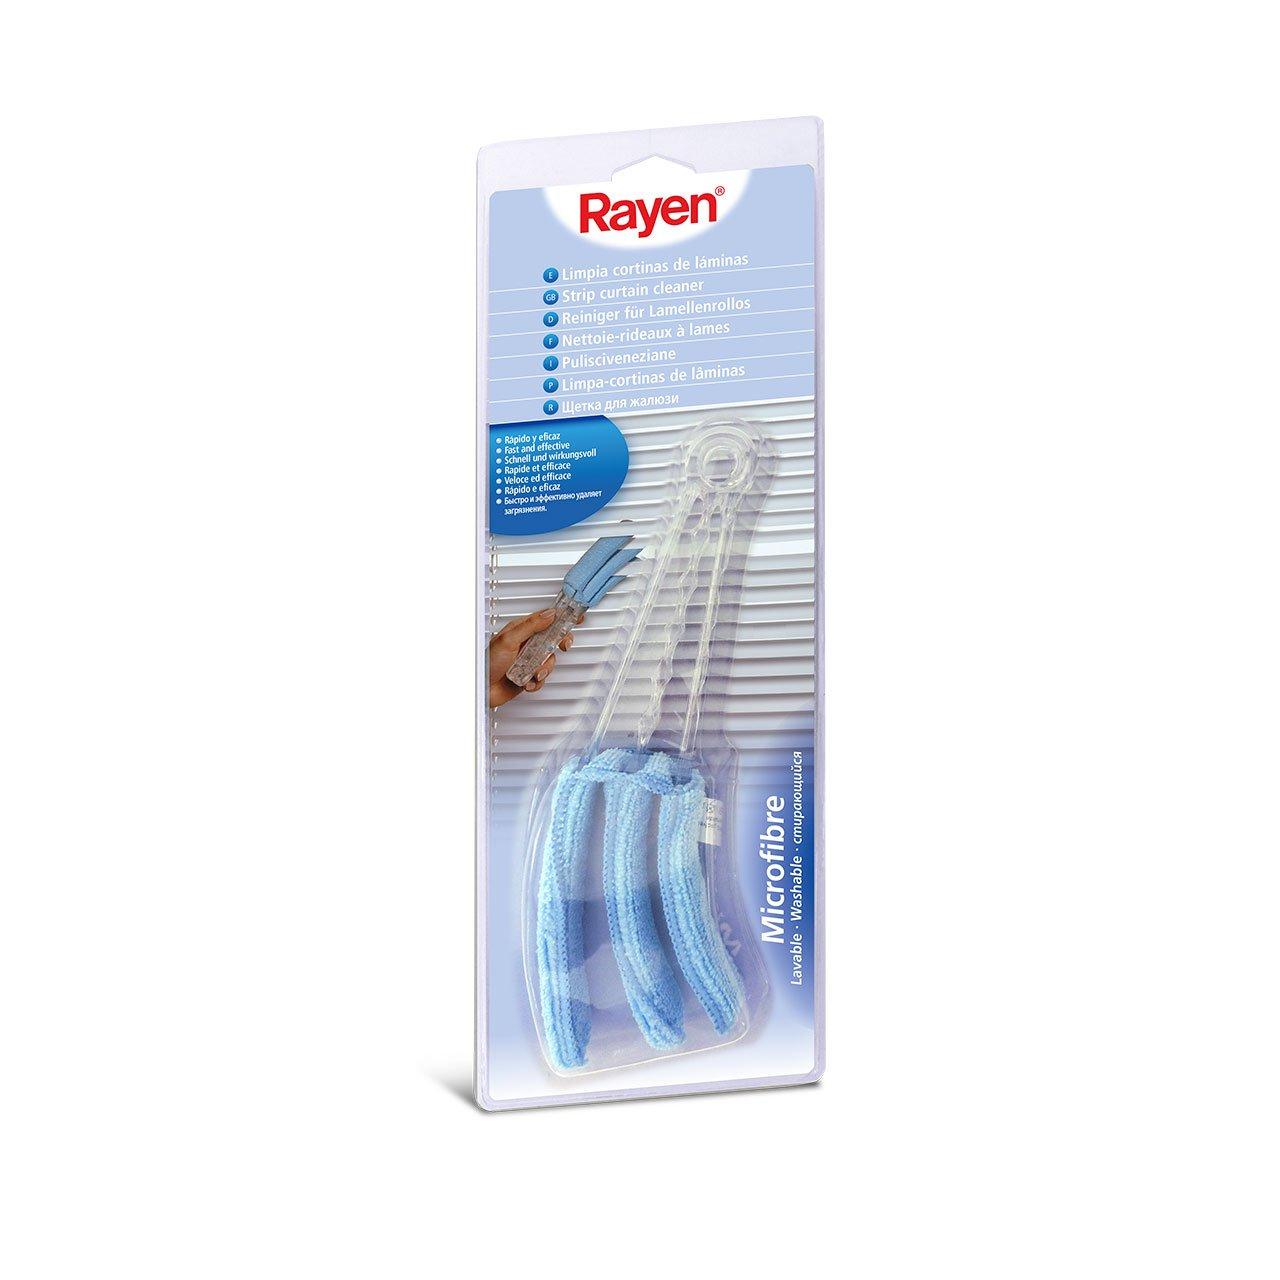 Rayen Jalousienreiniger mit Doppelklemme aus 100/% Mikrofaser und waschbar